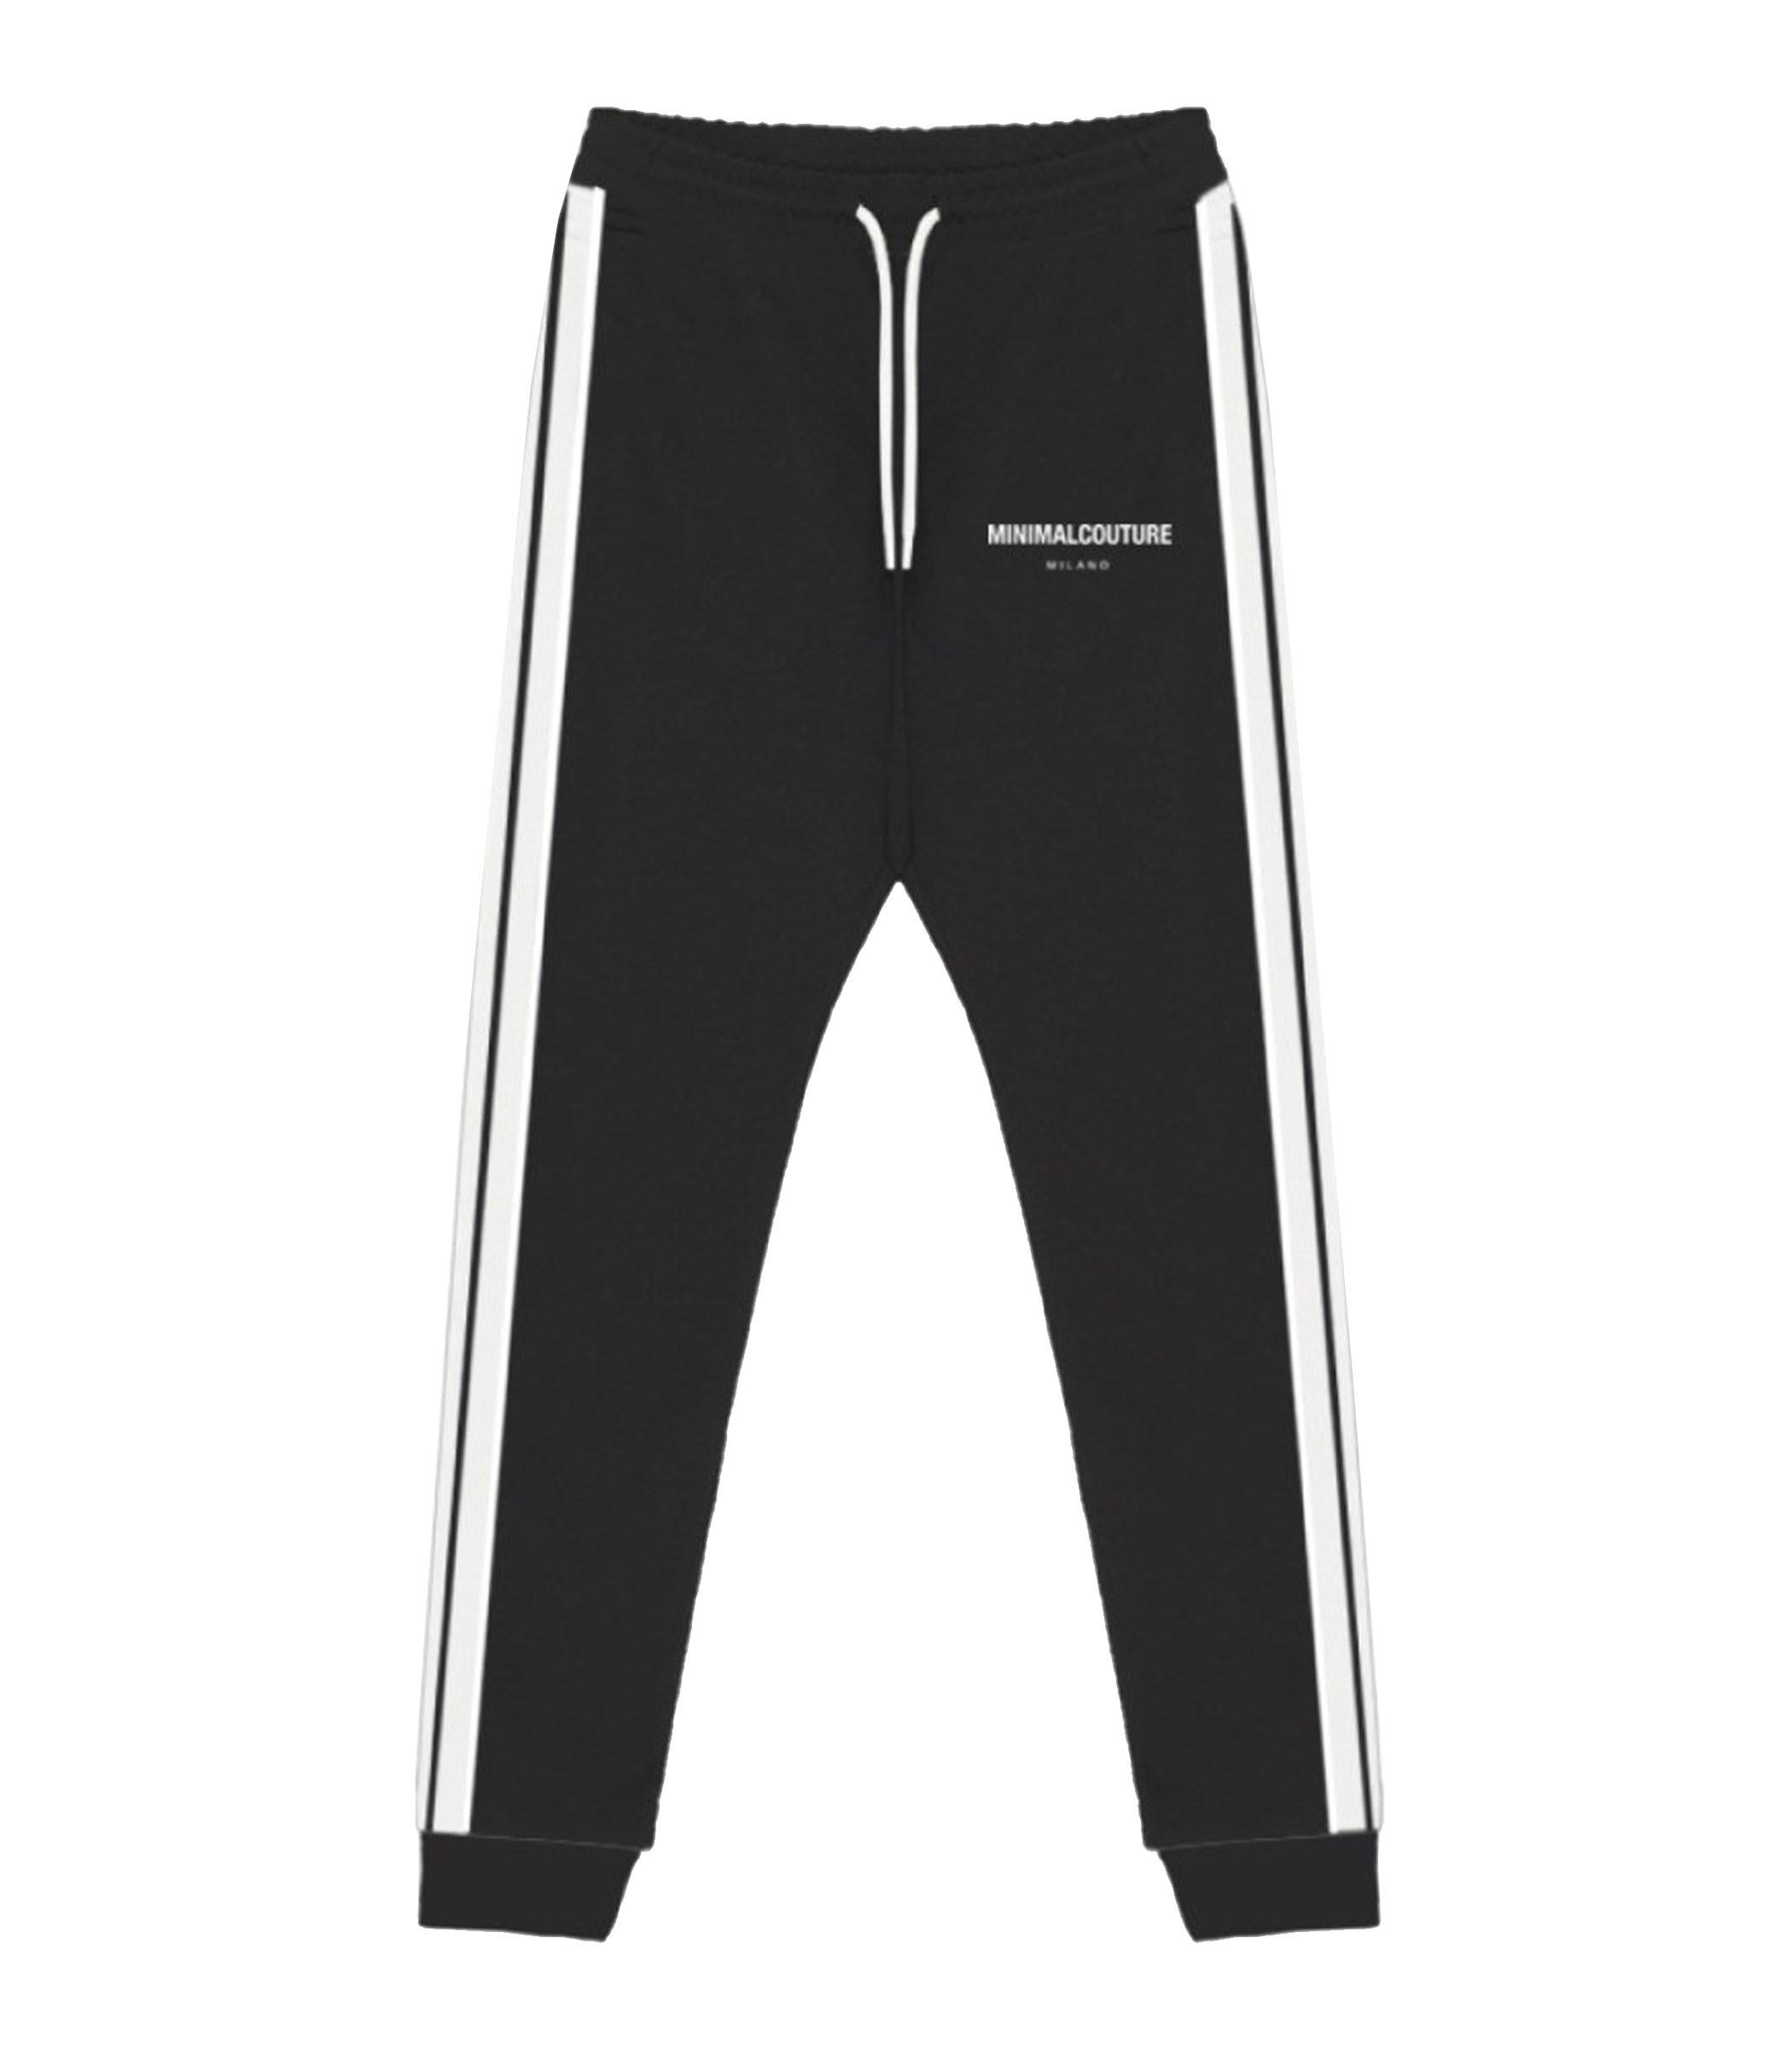 Pantaloni in tuta Minimal Couture con bande laterali uomo